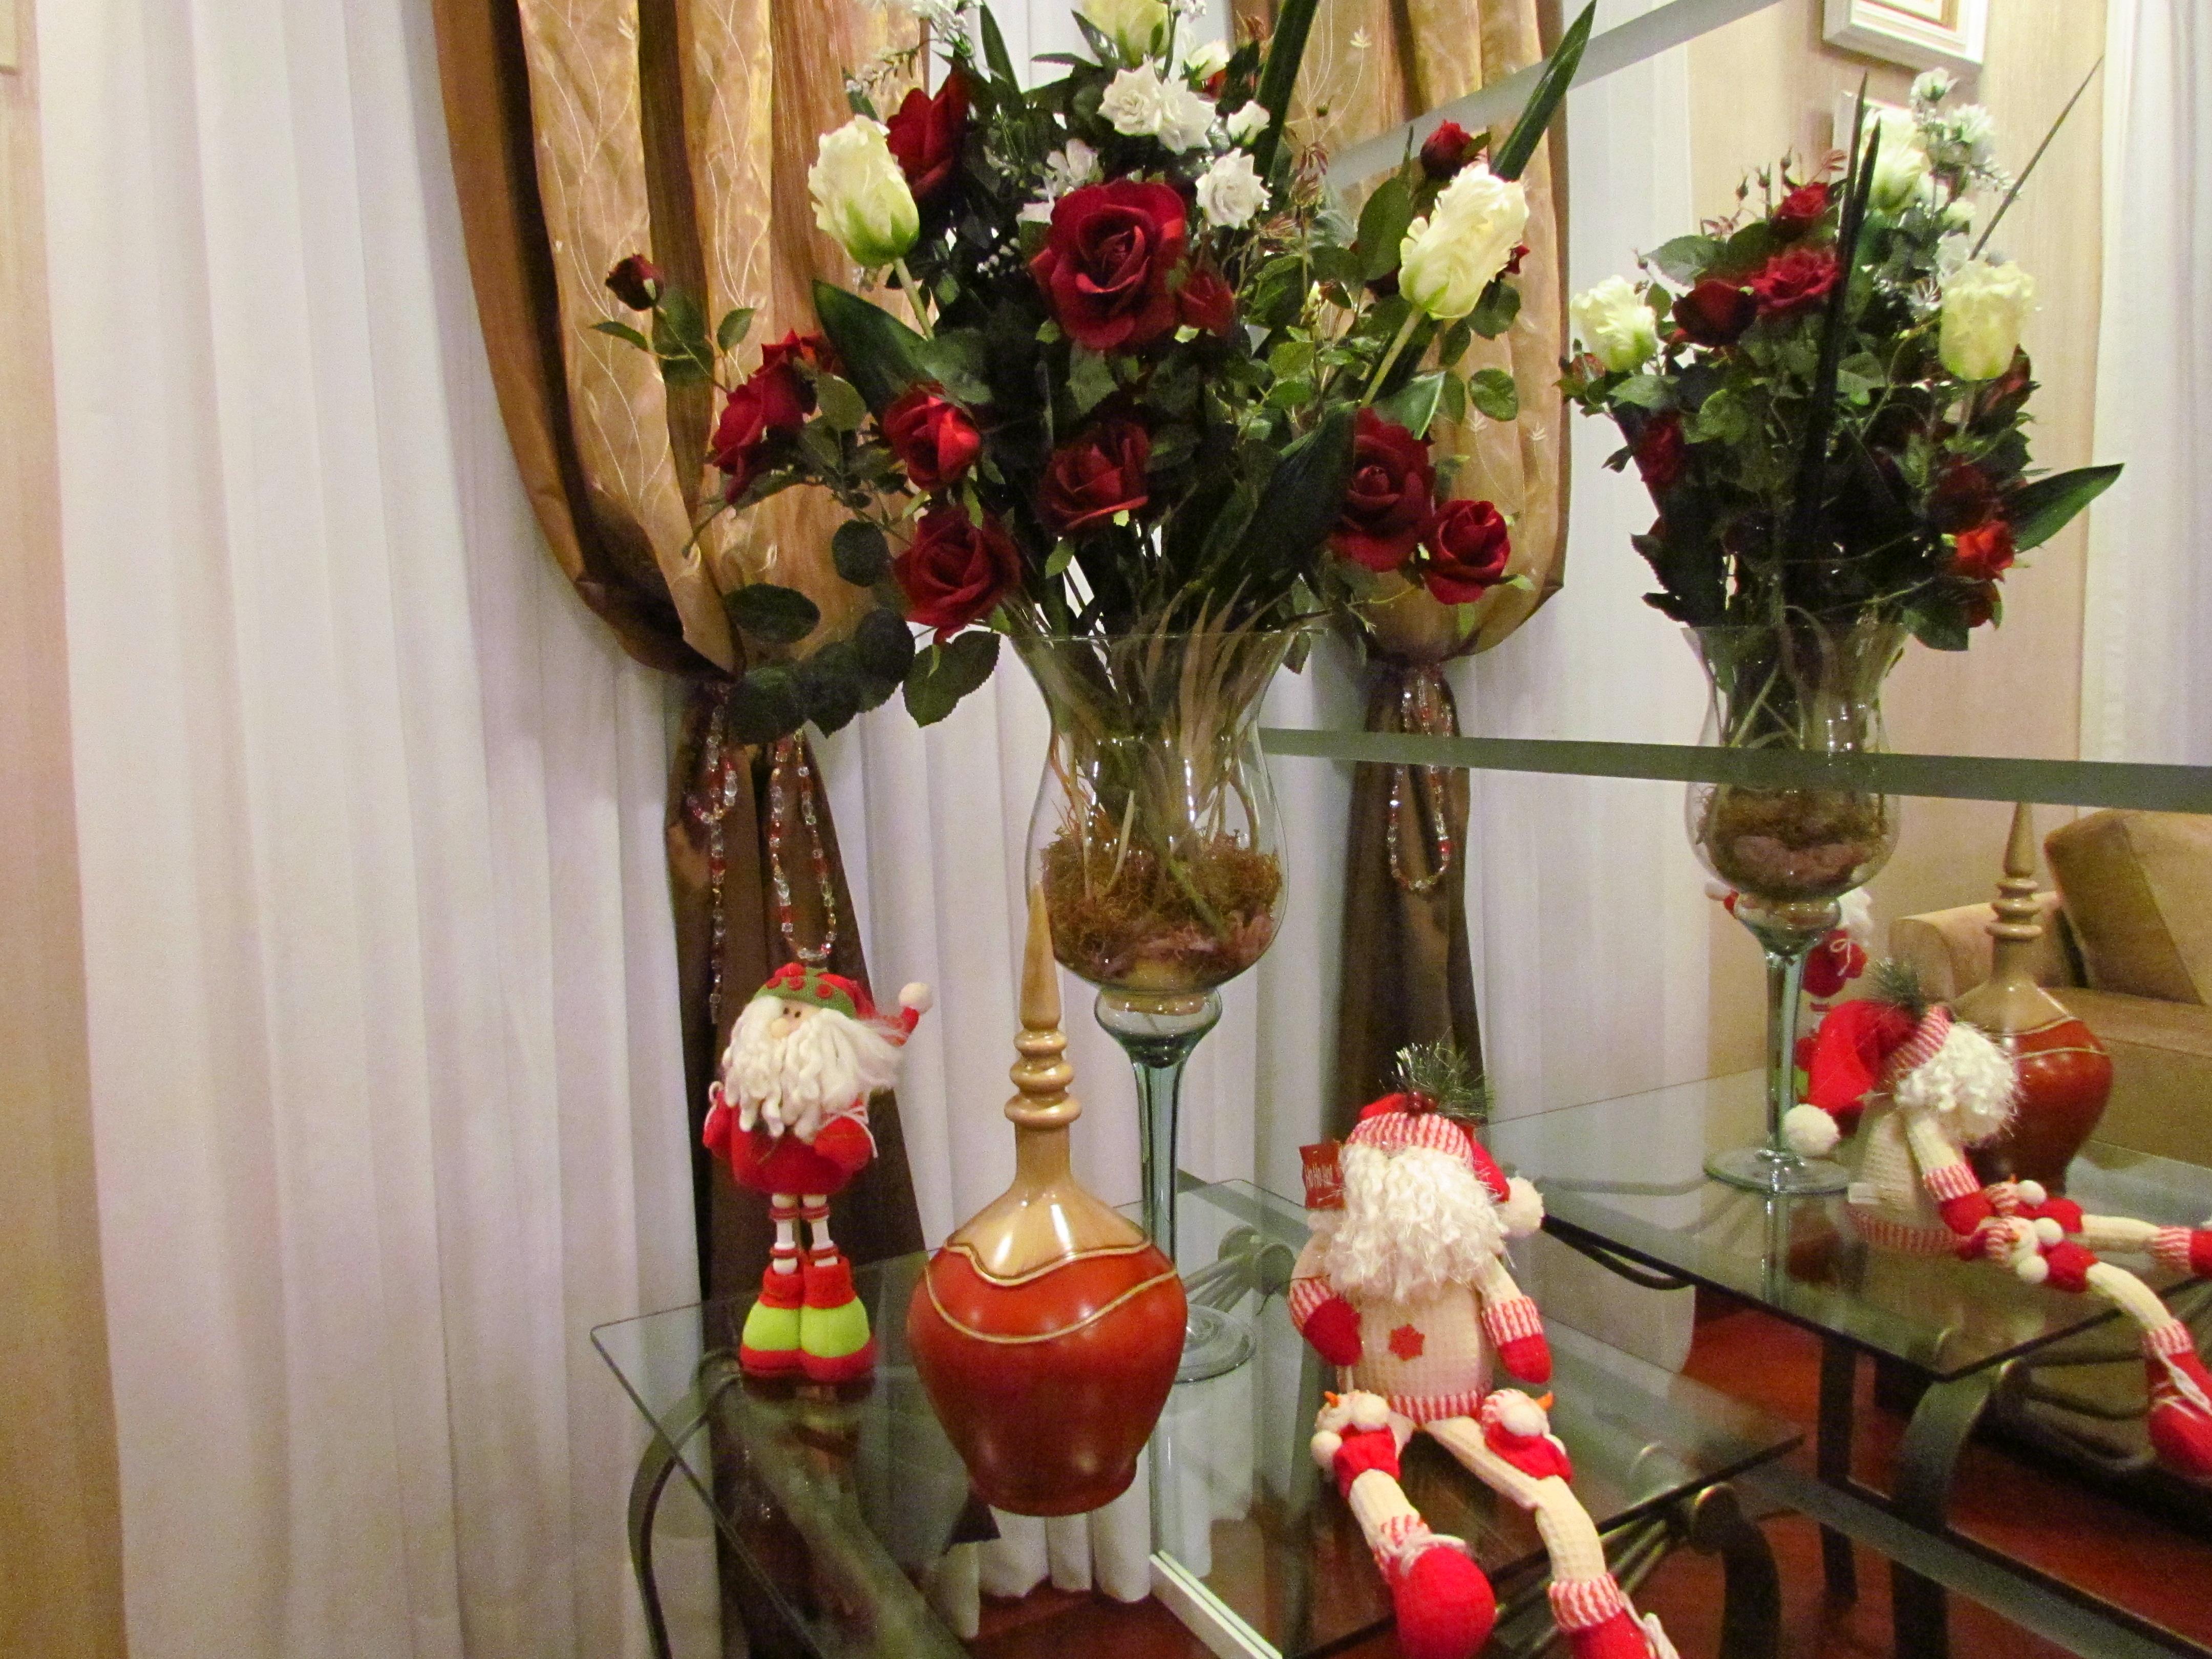 decoraç u00e3o de natal para a mesa O Pimenteiro -> Decoração De Natal Para Mesa Quadrada